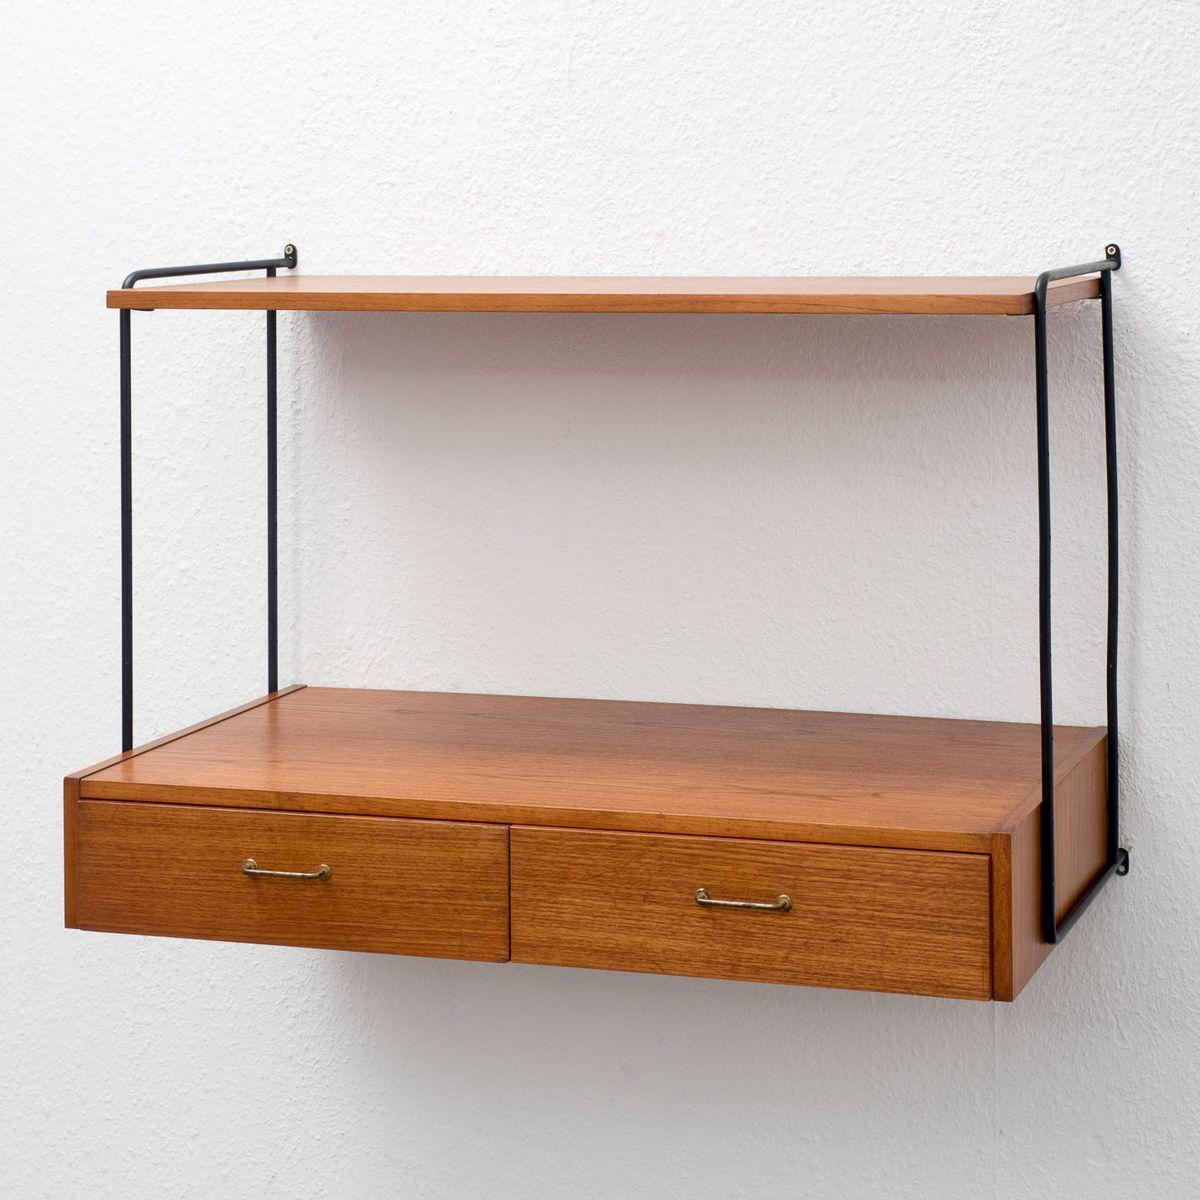 omnia m bel badezimmer schlafzimmer sessel m bel design ideen. Black Bedroom Furniture Sets. Home Design Ideas